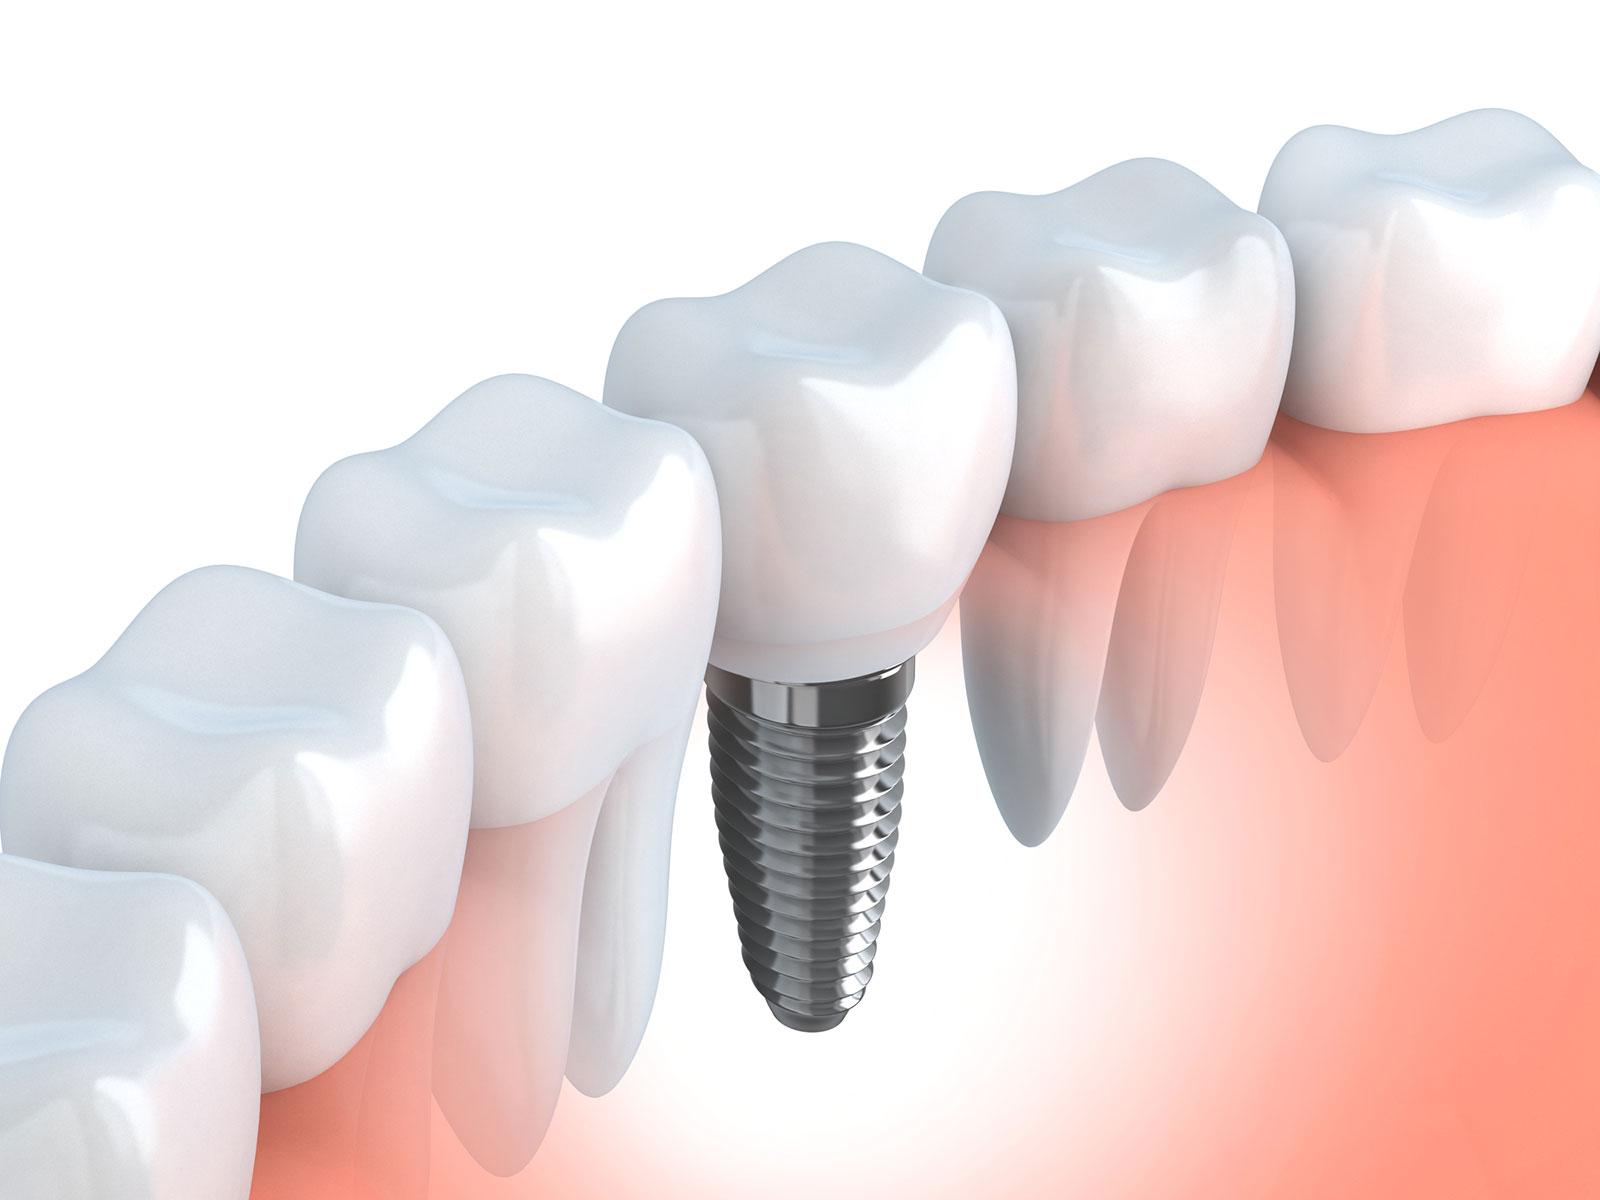 ¿Vives en Móstoles y necesitas un implante dental de calidad?